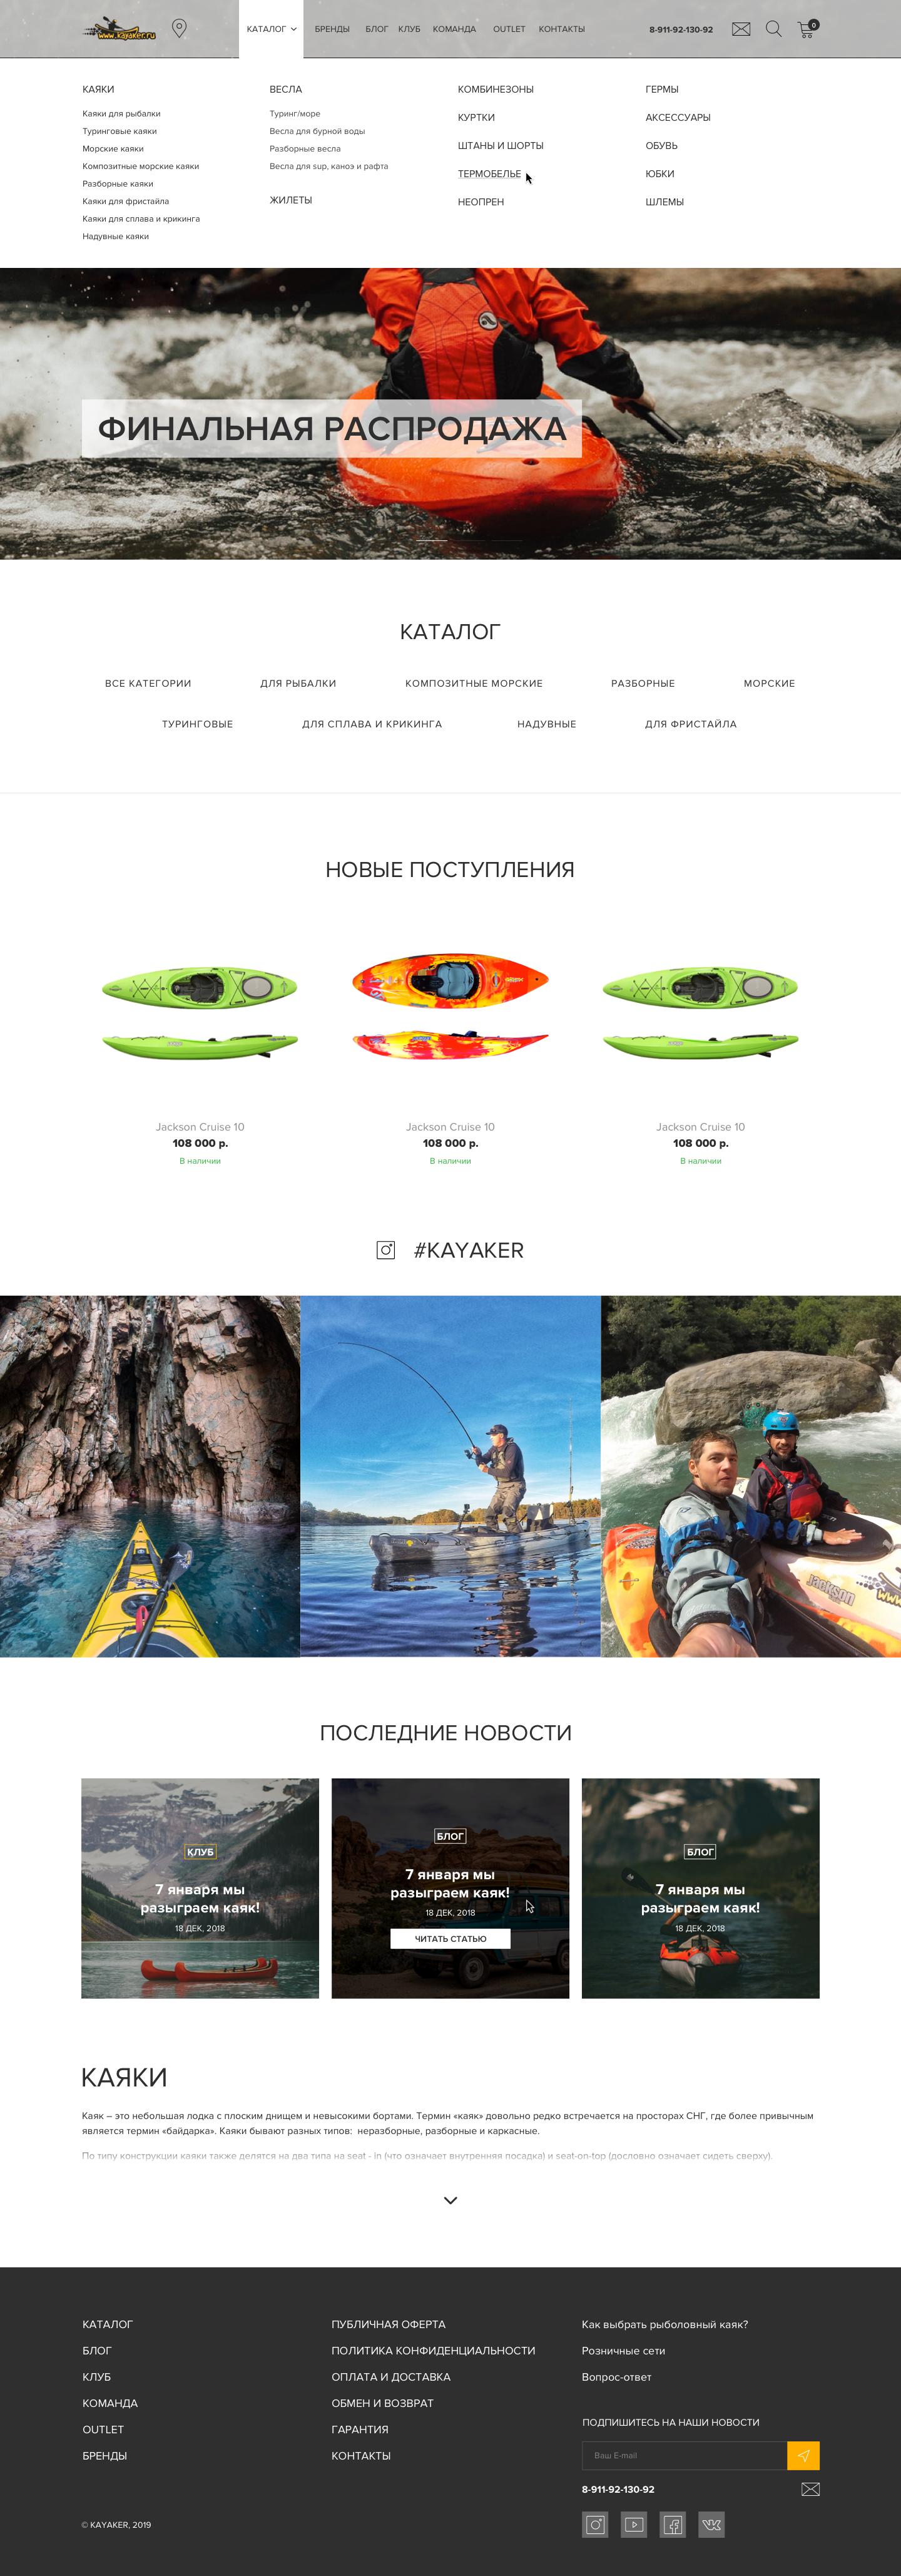 Каякер - интернет-магазин каяков и сопутствующих товаров + seo